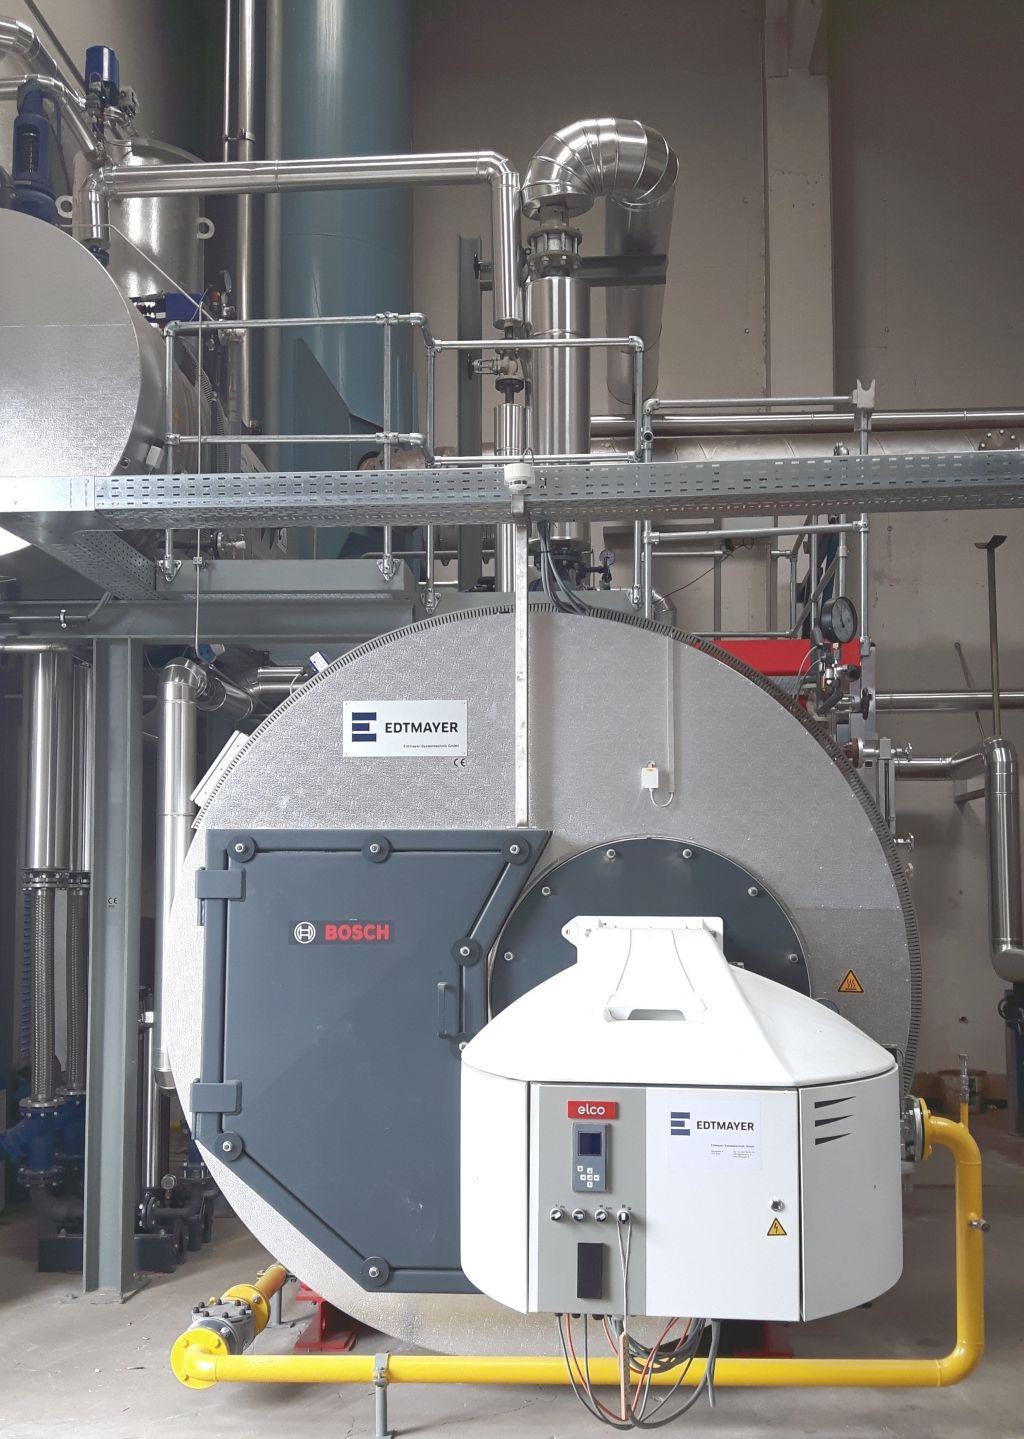 Energieeffiziente Dampfkesselanlage - Otto Wirl GmbH | Edtmayer ...